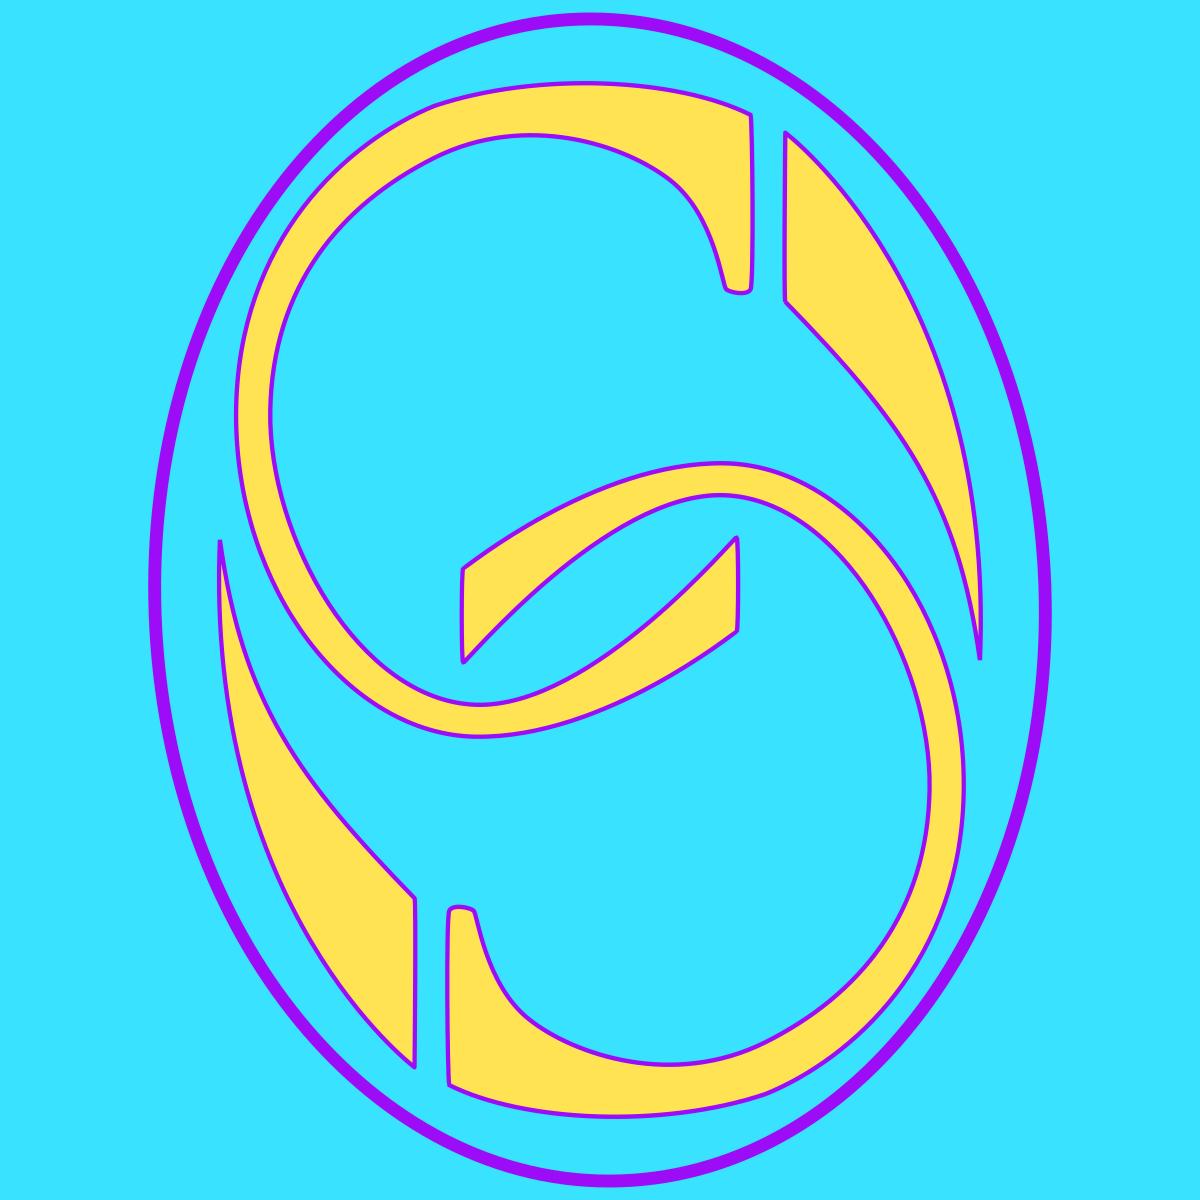 Aboard the Ranegr logo